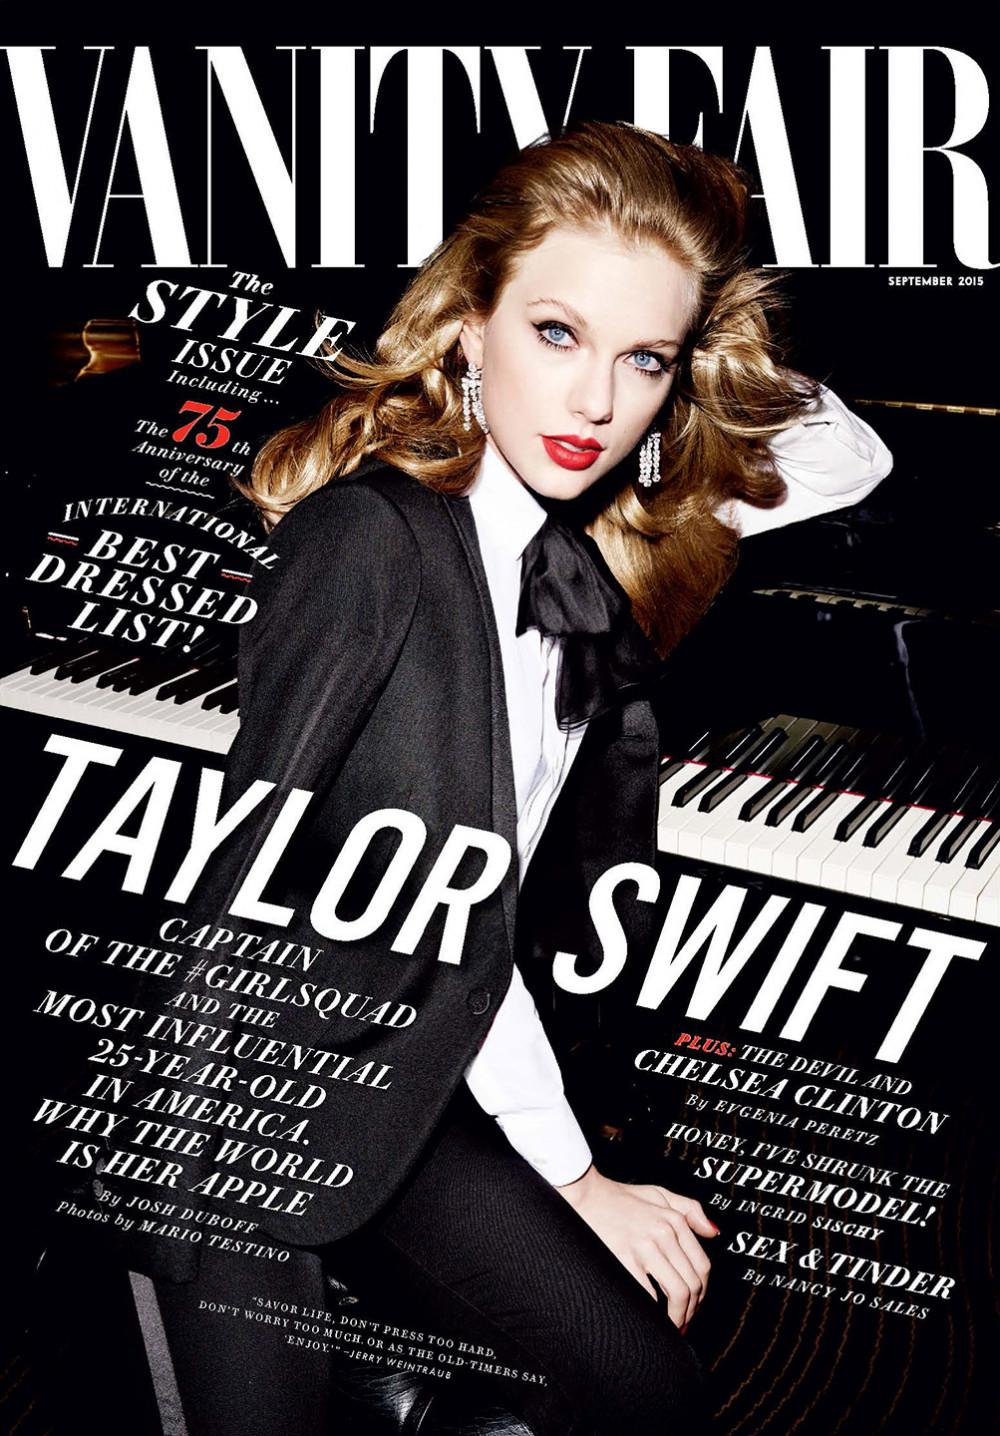 Taylor Swift Vanity Fair September 2015 Cover (5)